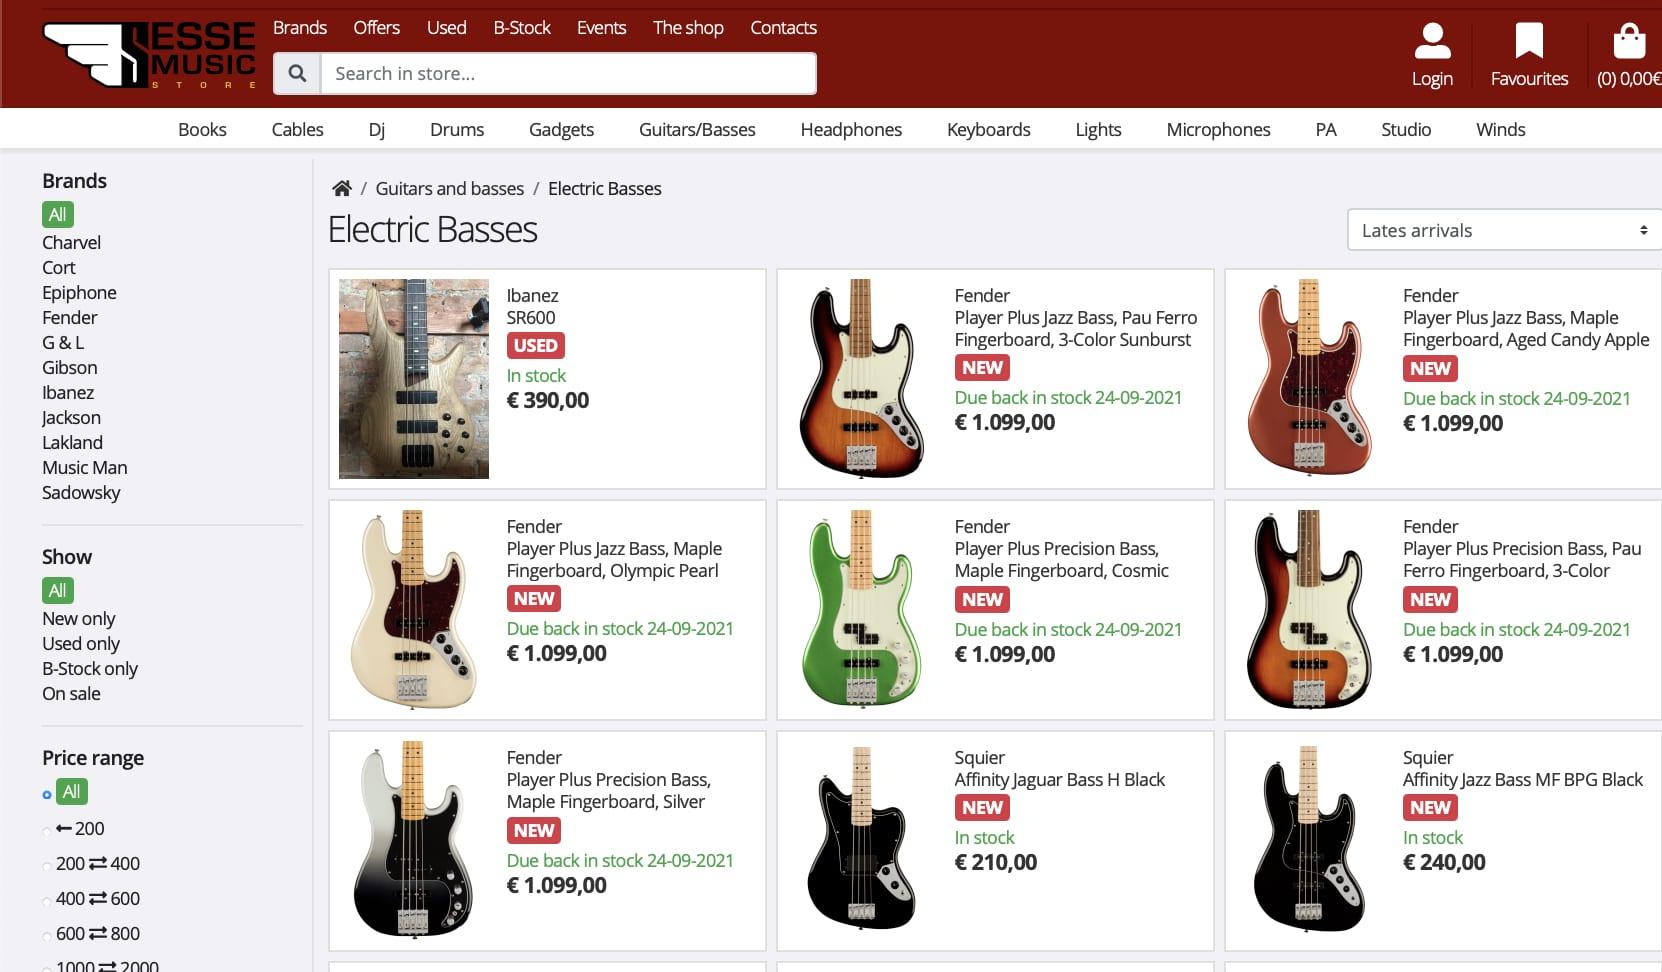 Filtración - También se han visto nuevos bajos Fender Player Plus Series